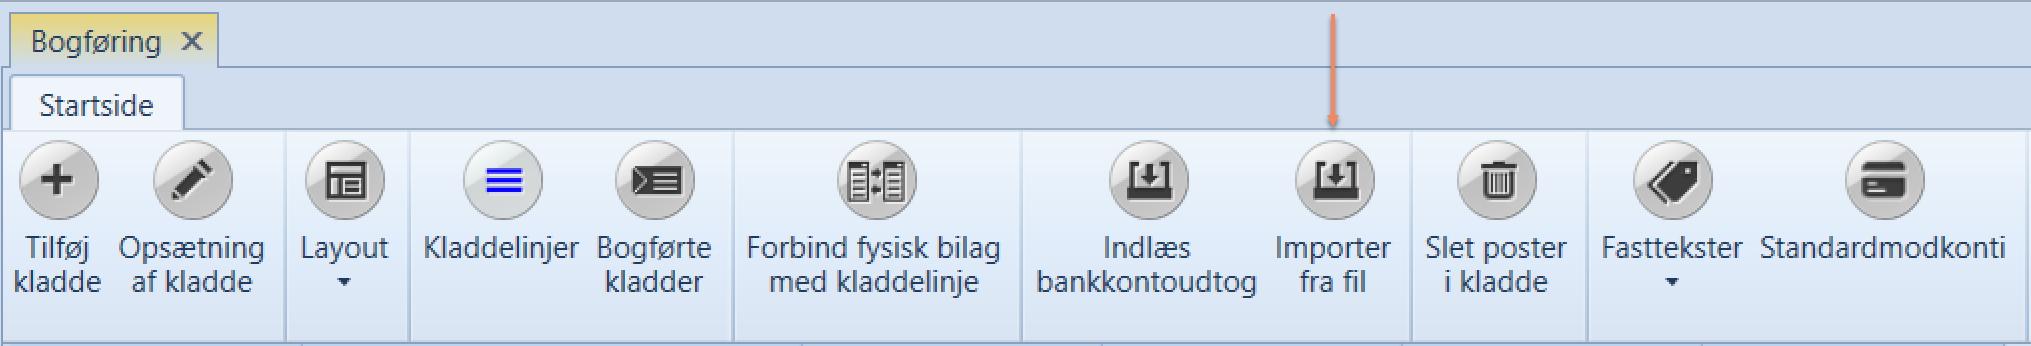 importer fra fil, Importer fra fil, Uniconta